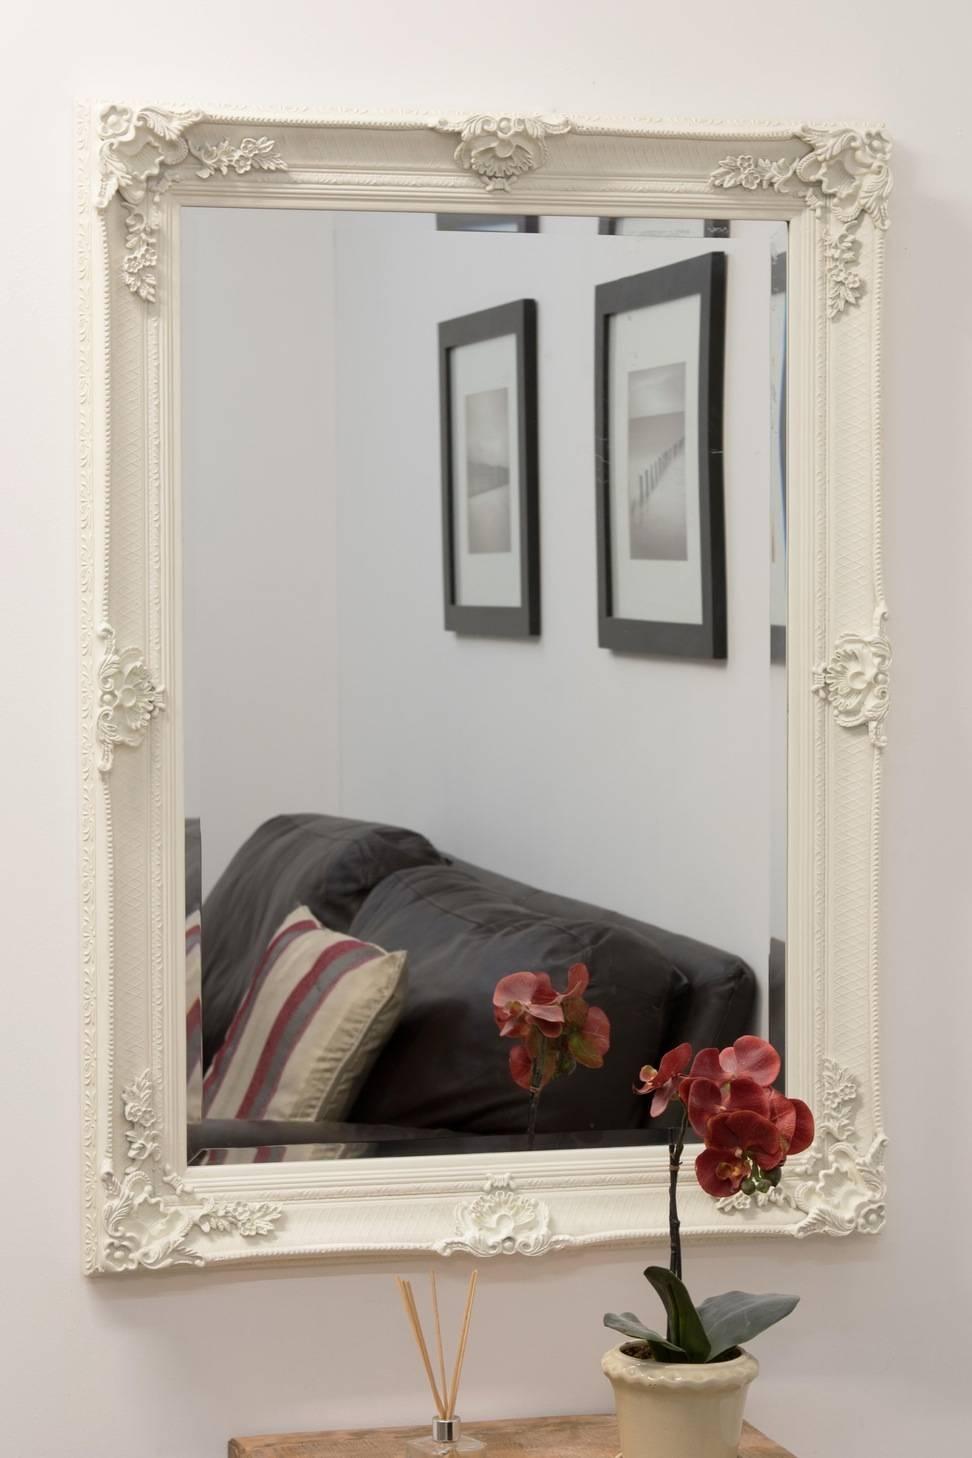 Round Mirrors Wayfair Braided Chain Wall Mirror ~ Loversiq pertaining to Large White Ornate Mirrors (Image 19 of 25)